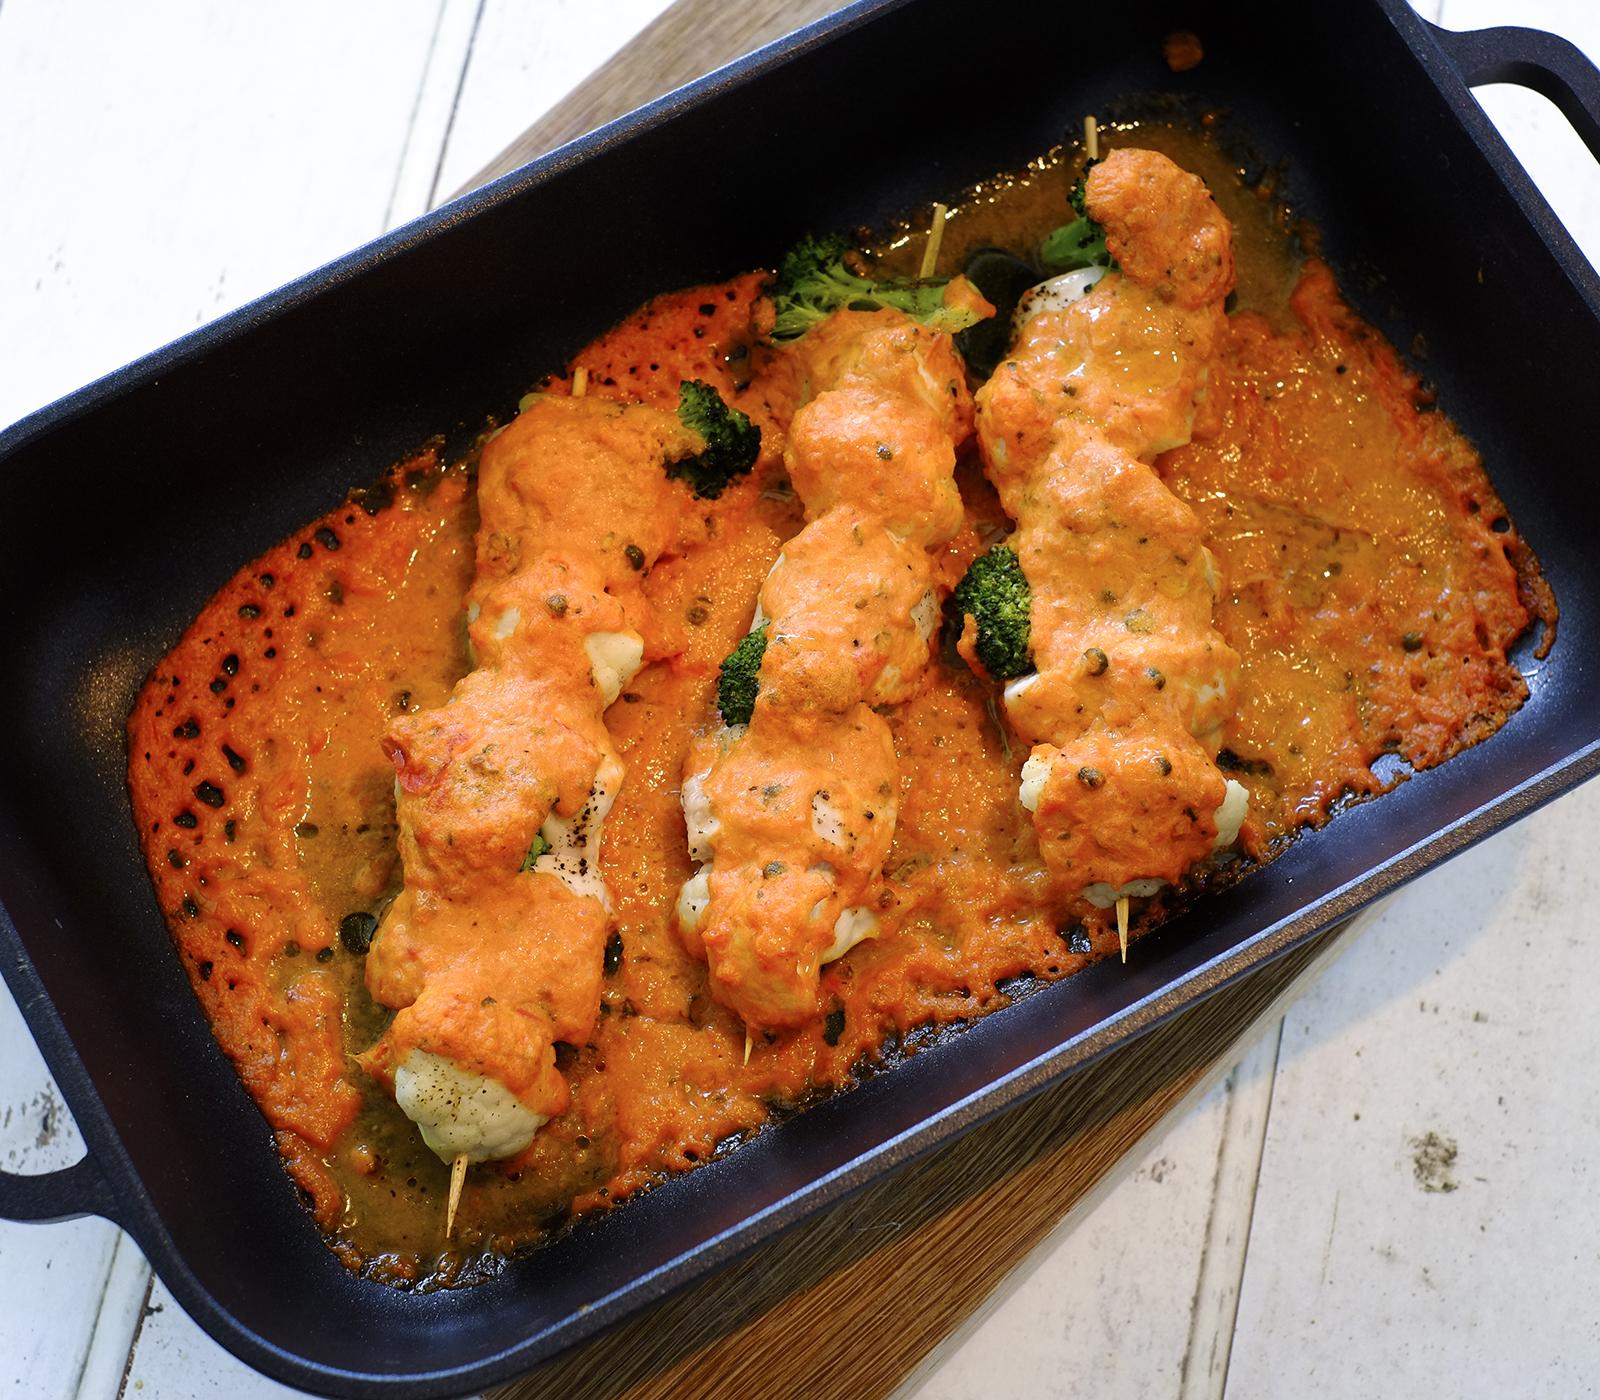 Berbackene pouletspiesse annemarie wildeisens kochen for Kochen 5 personen